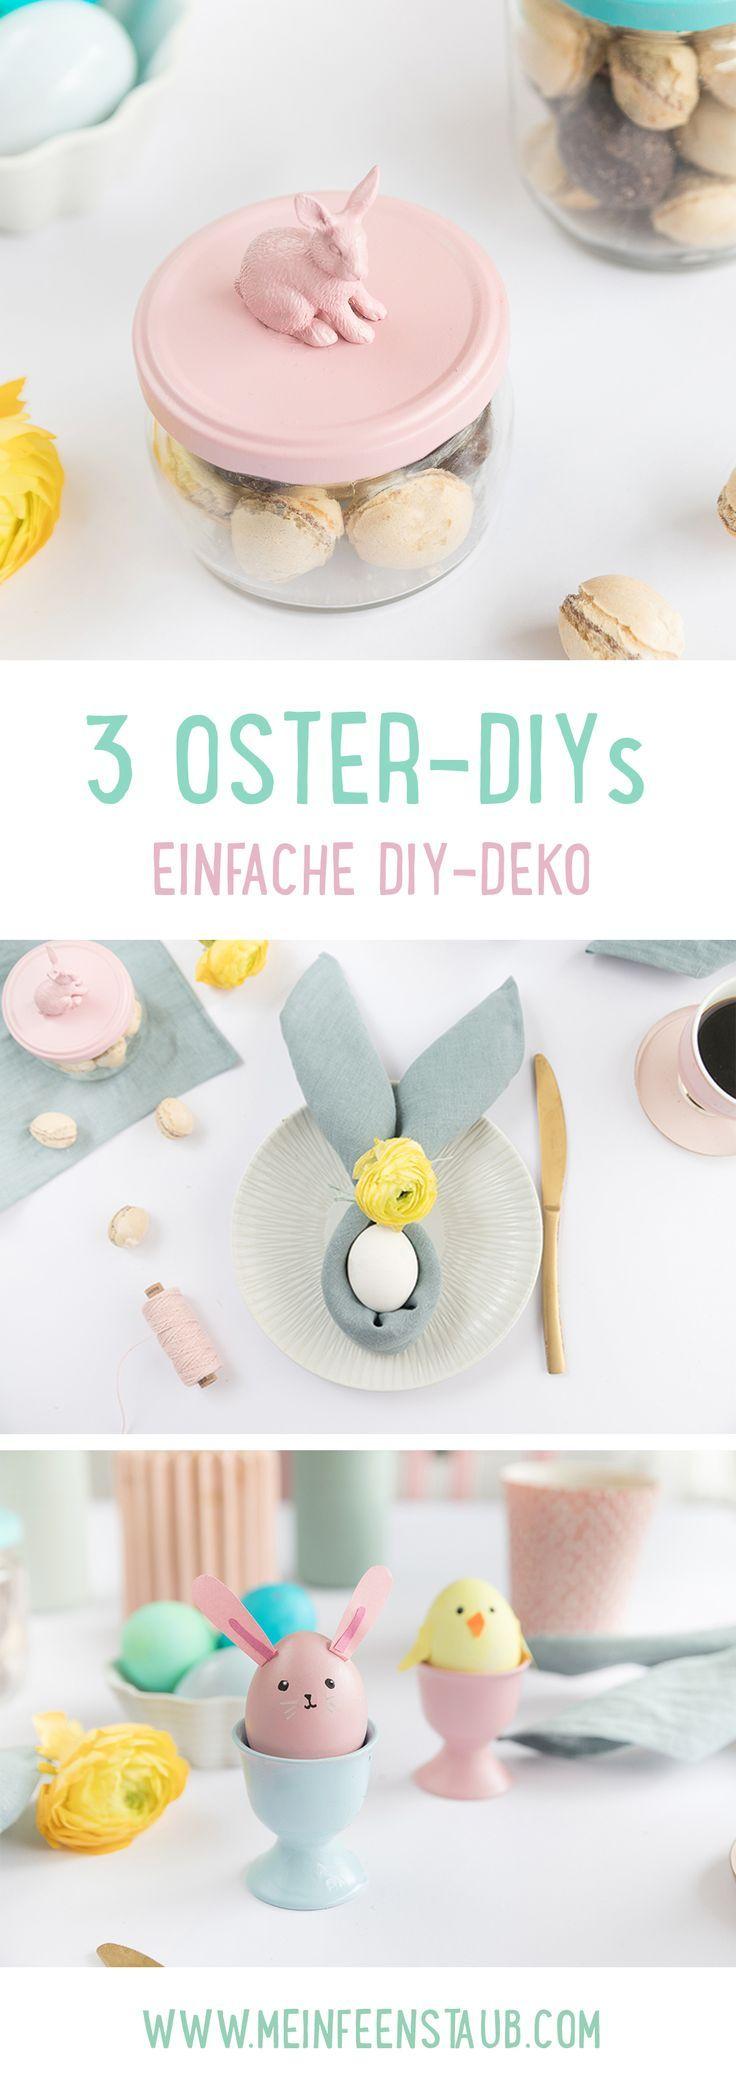 3 DIY-Ideen für Ostern | mein feenstaub